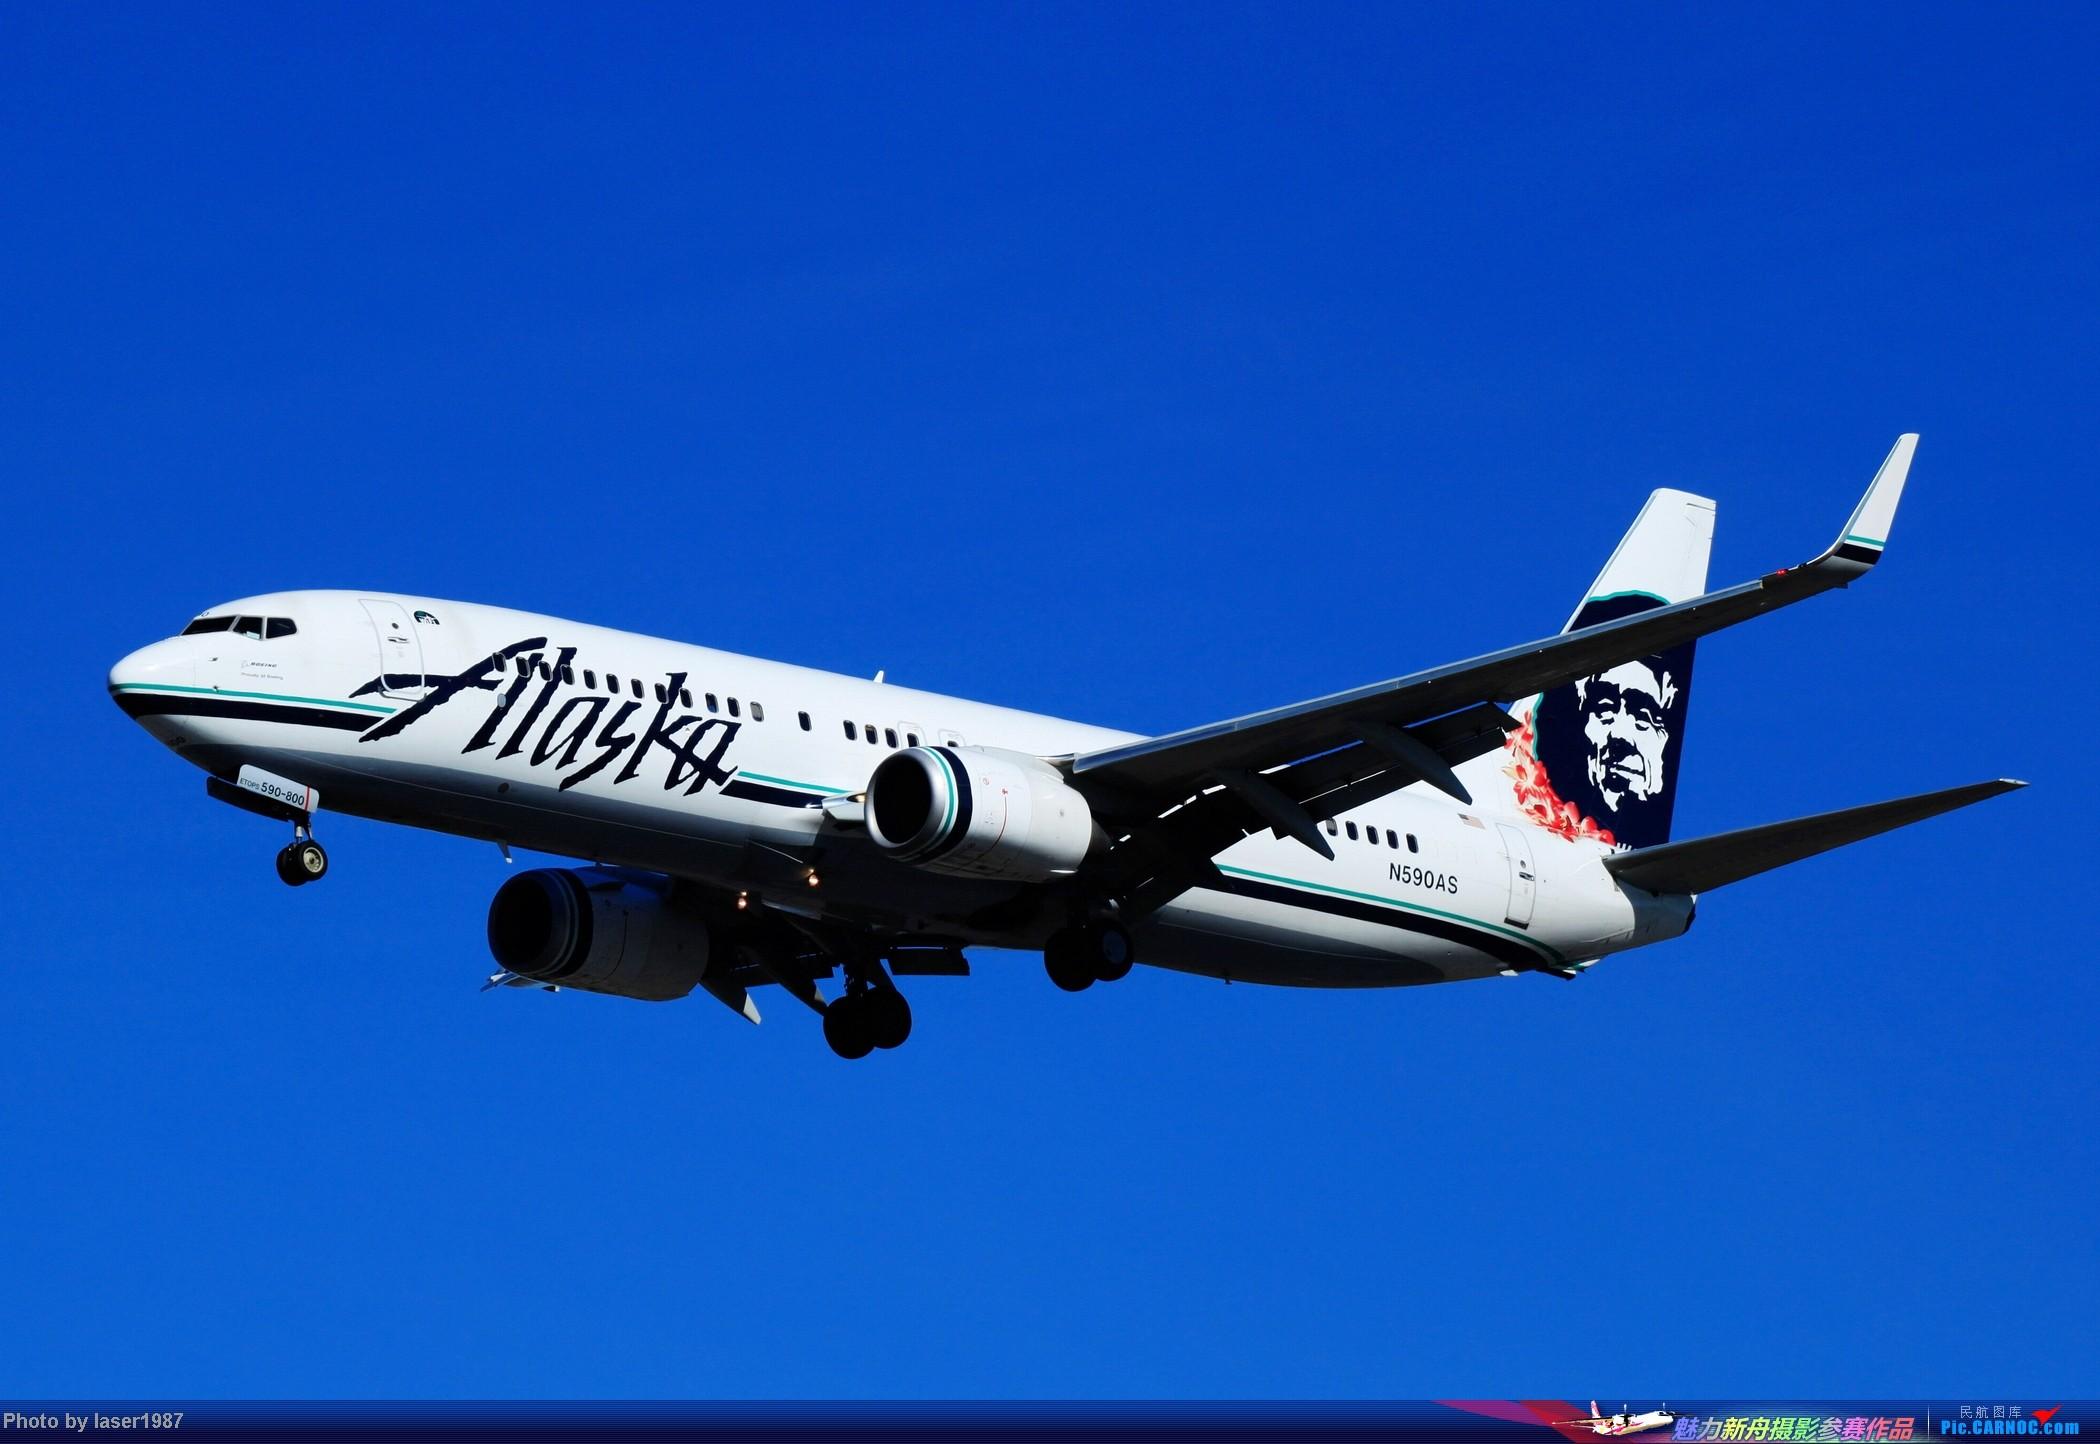 Re:[原创]2011.12.25 LAX 24R跑道东侧停车场拍飞机 BOEING 737-800 N590AS 美国洛杉矶国际机场